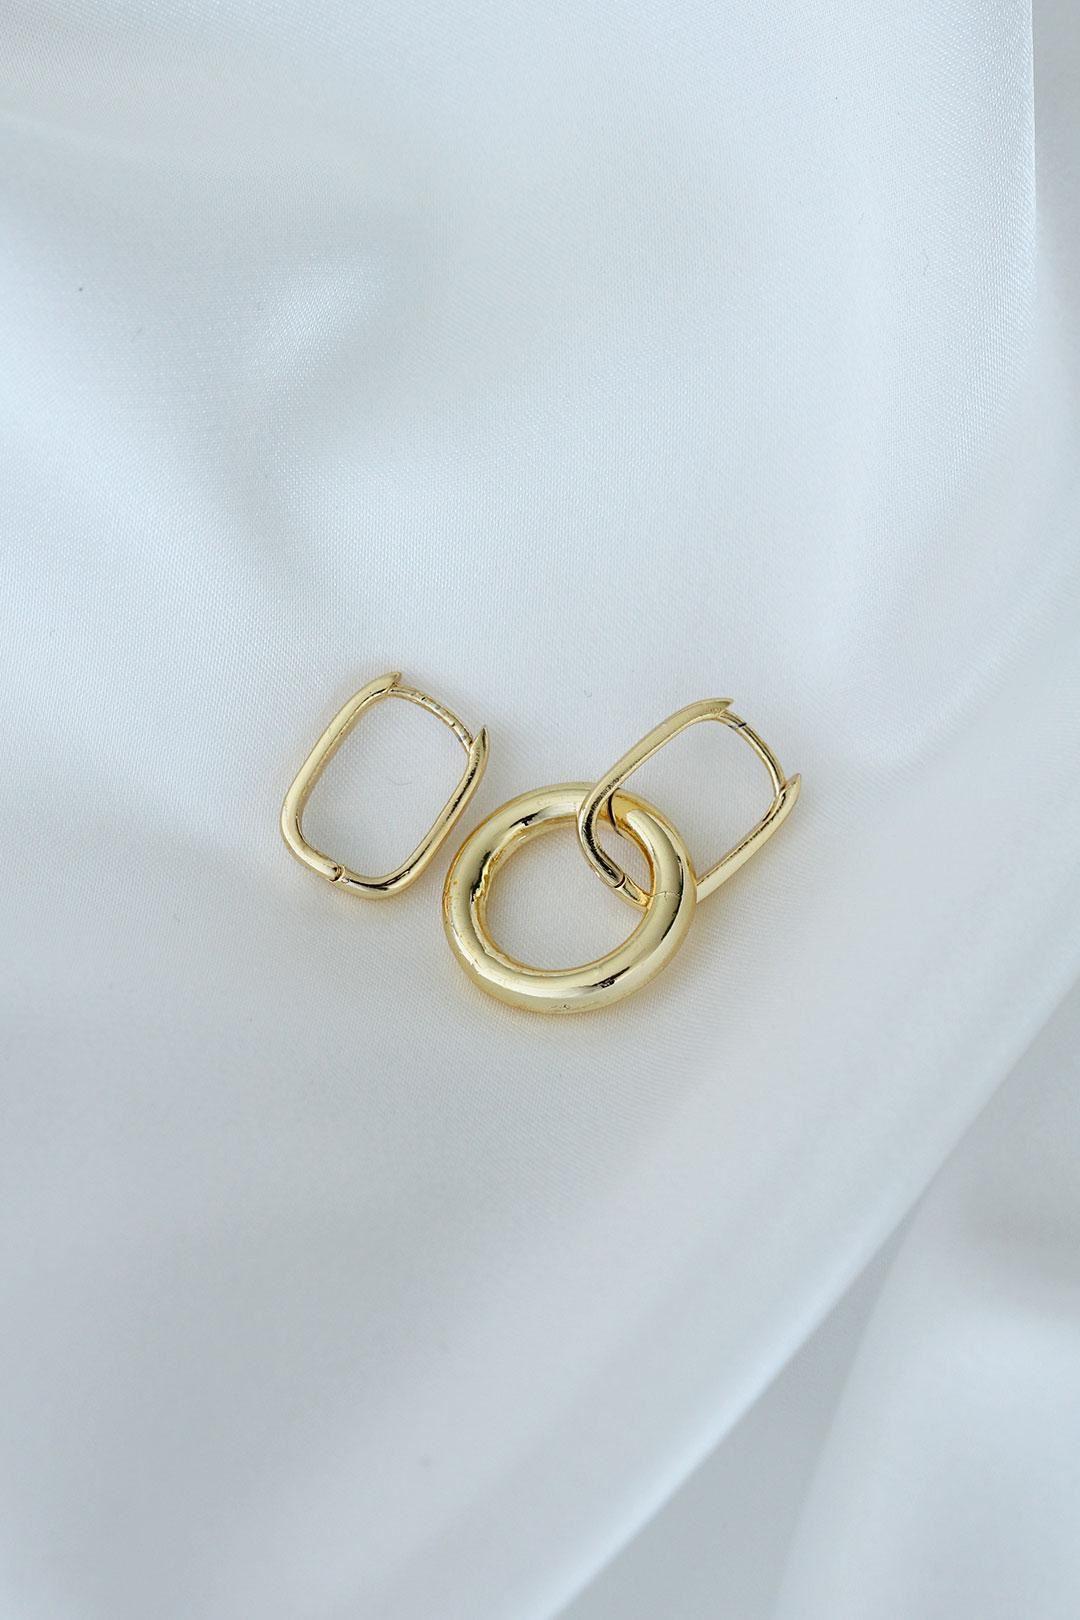 Oval Model Altın Renk Metal Kadın Küpe